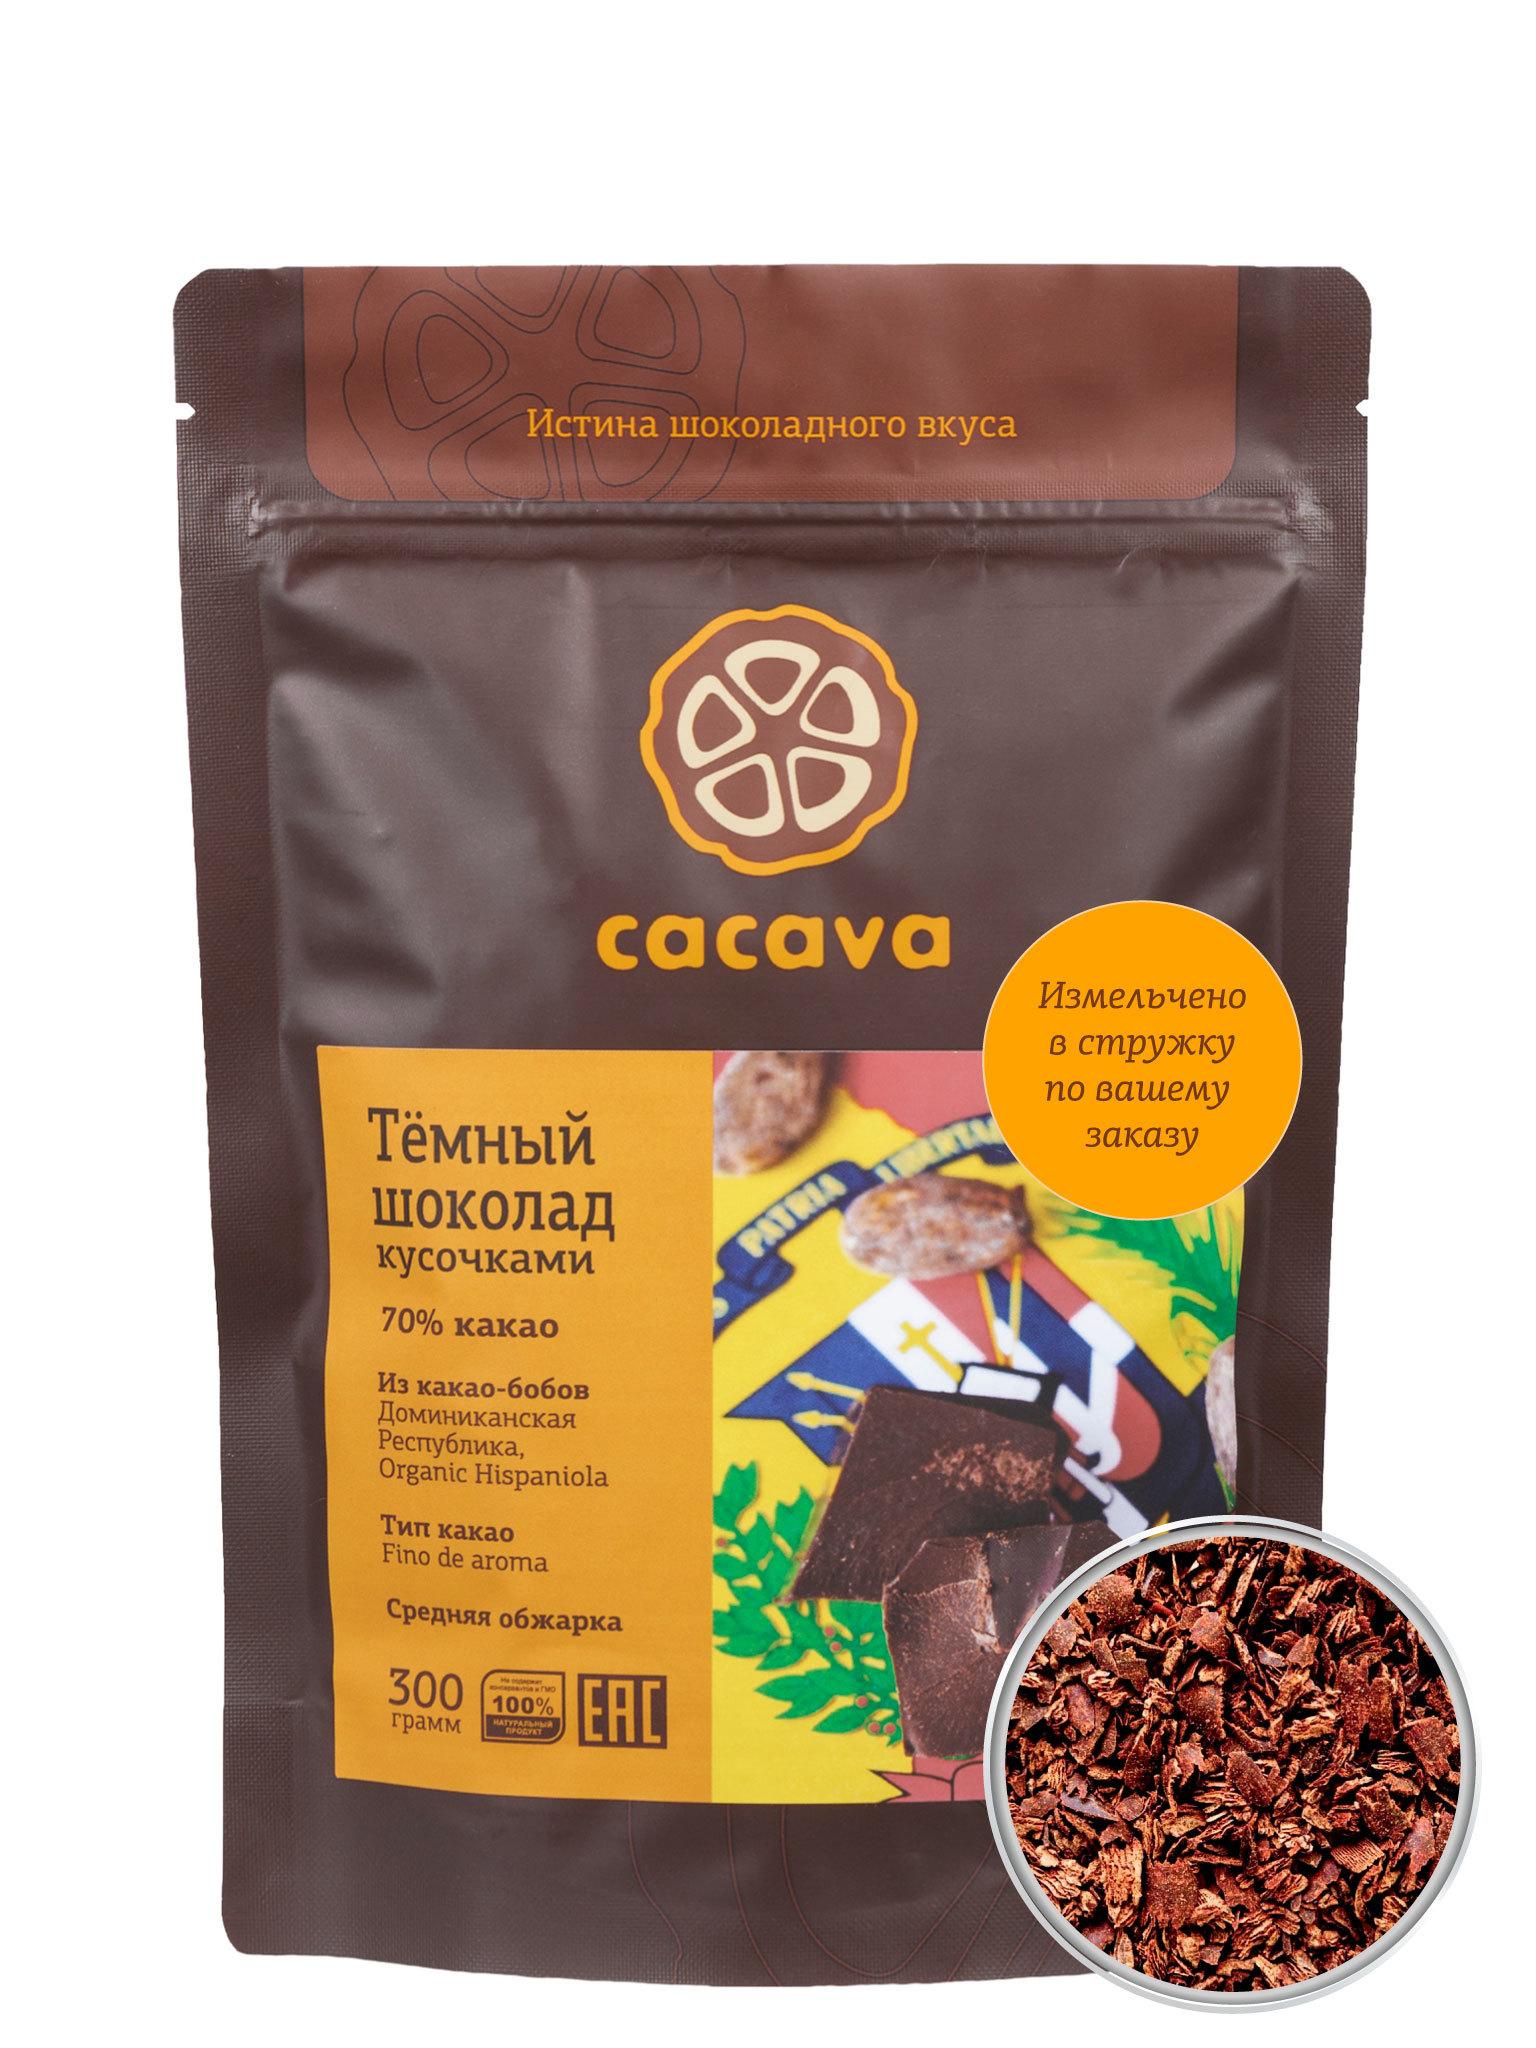 Тёмный шоколад 70 % какао в стружке (Доминикана, Organic Hispaniola), упаковка 300 грамм